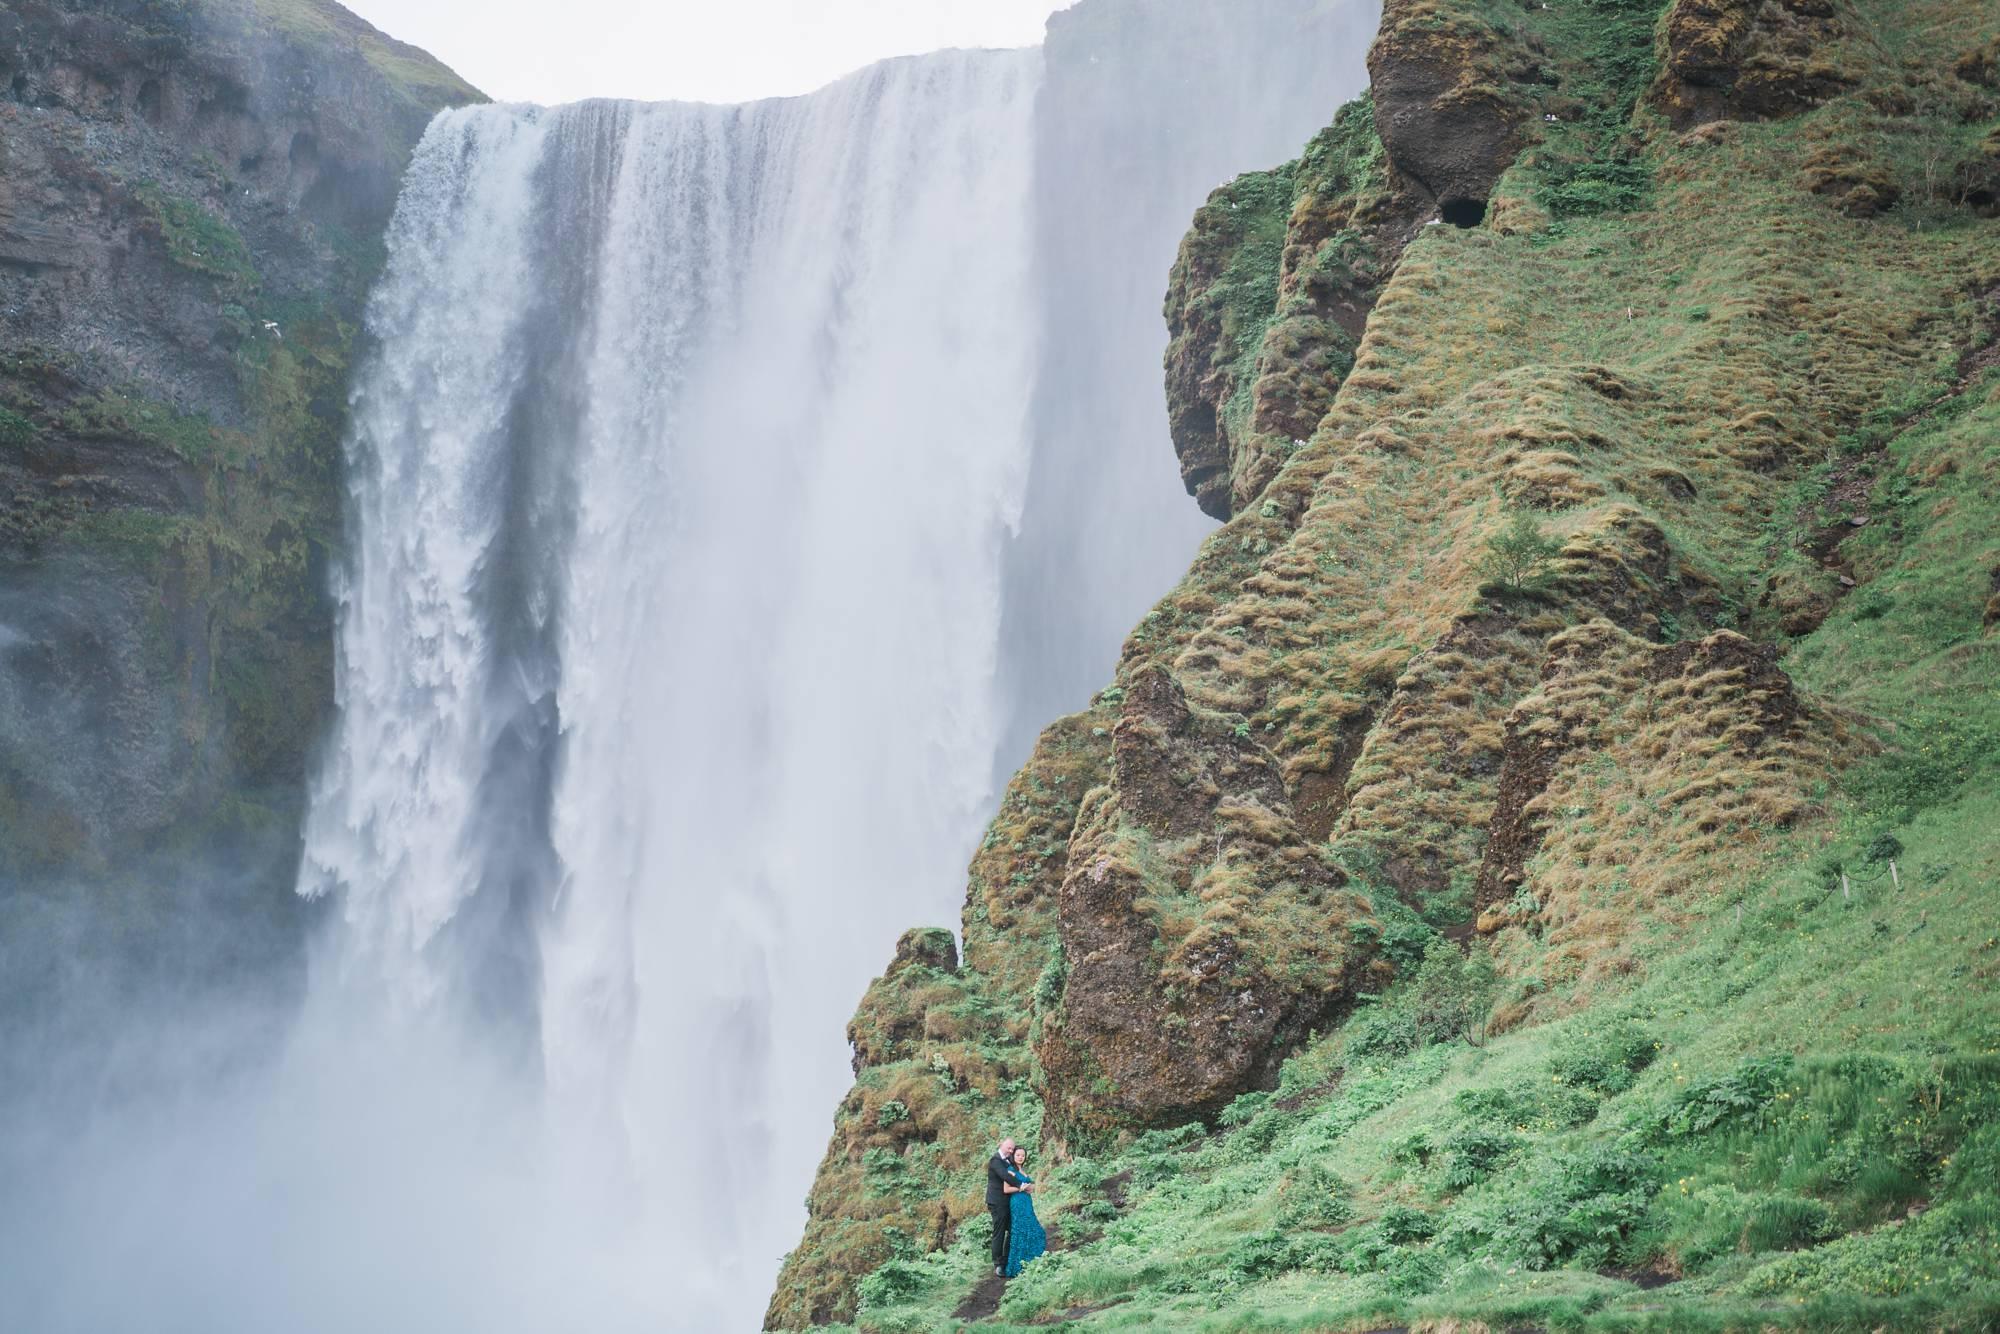 Iceland_Wedding_Elopement_Photographer_Destination_Skogafoss_Waterfall_Photos